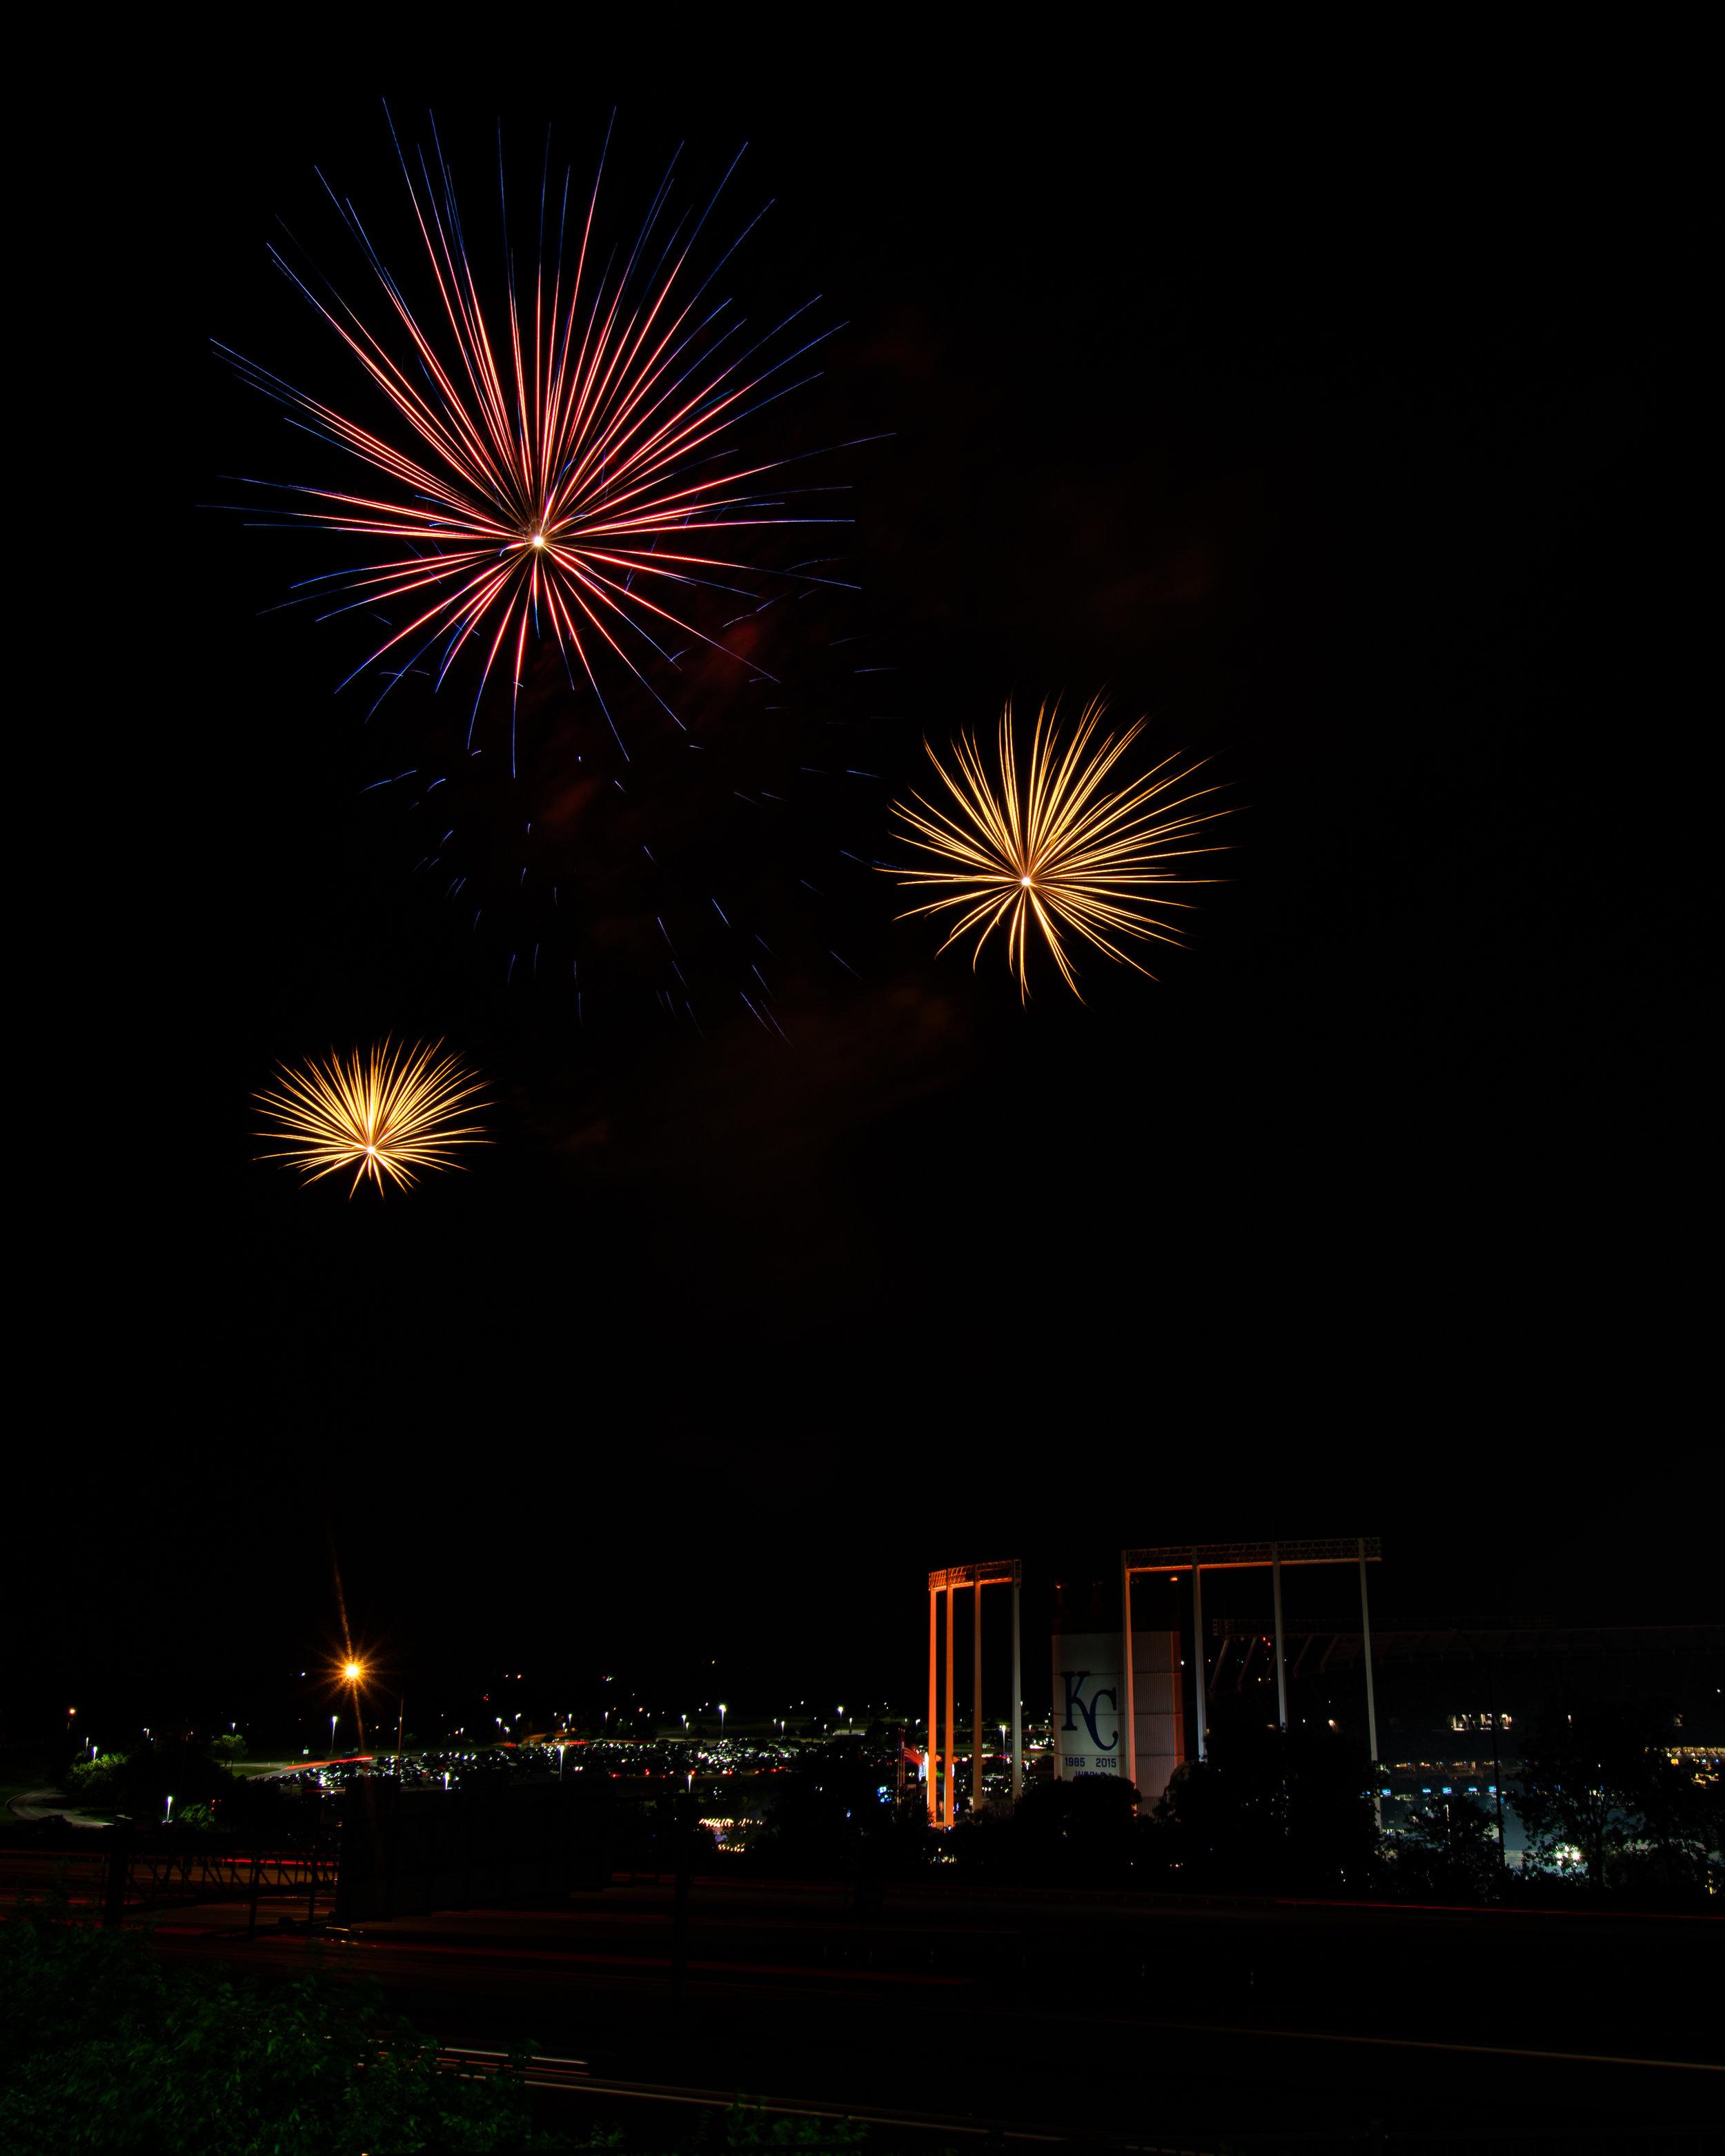 firework-friday-14-of-51_48108323258_o.jpg